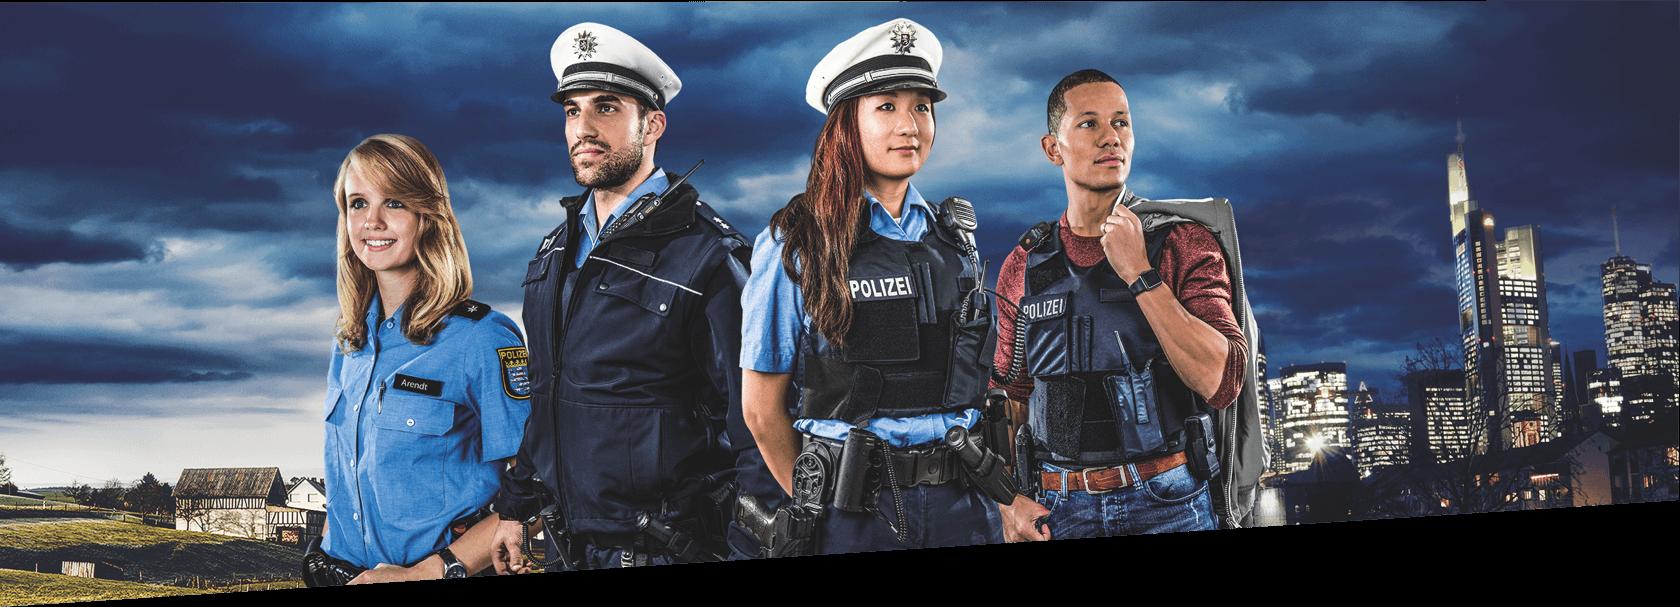 Polizei Hessen Deine Ausbildung Und Karriere Bei Der Polizei 15